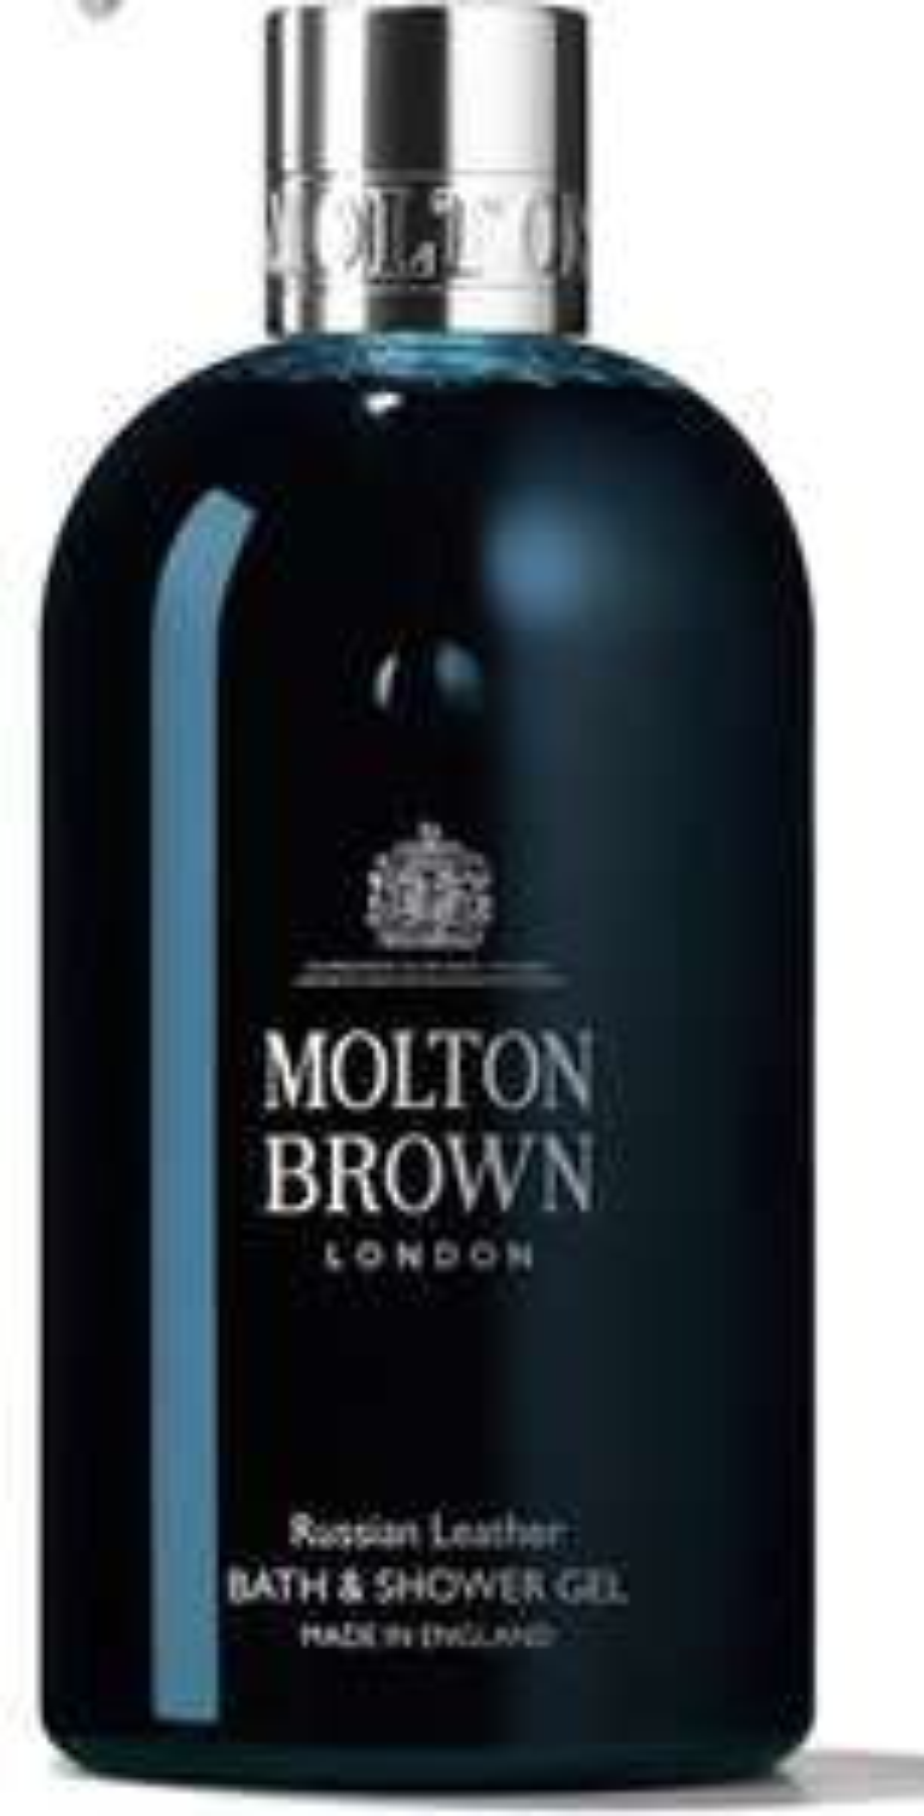 Molton Brown Russian Leather Bath & Shower Gel - £14.26 (+£4.49 Non Prime) @ Amazon